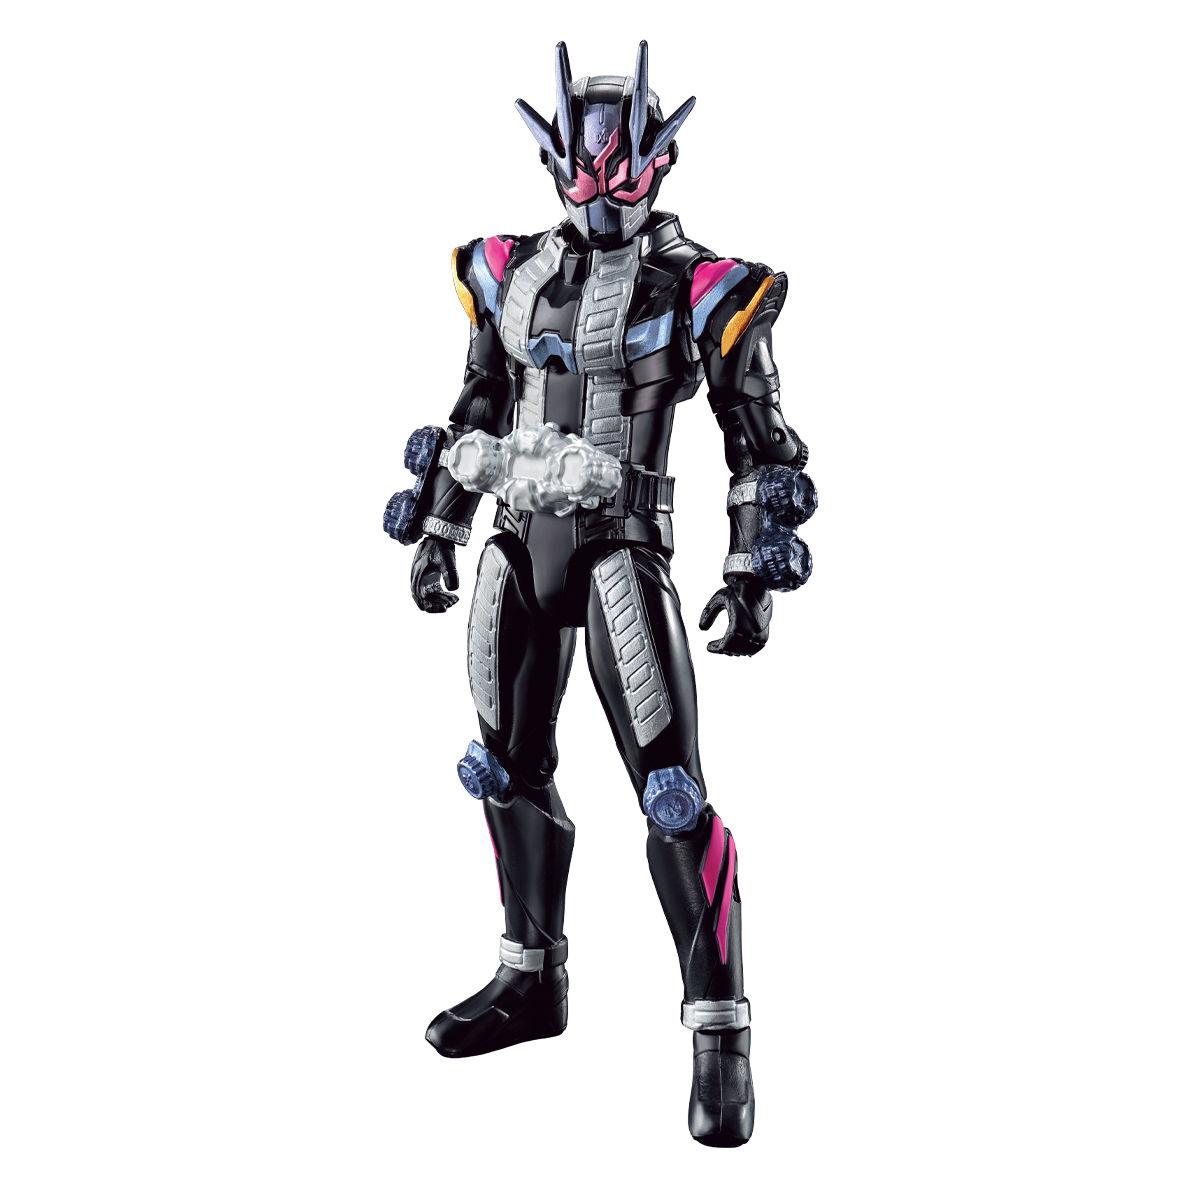 RKFライダーアーマーシリーズ『仮面ライダージオウII』可動フィギュア-001